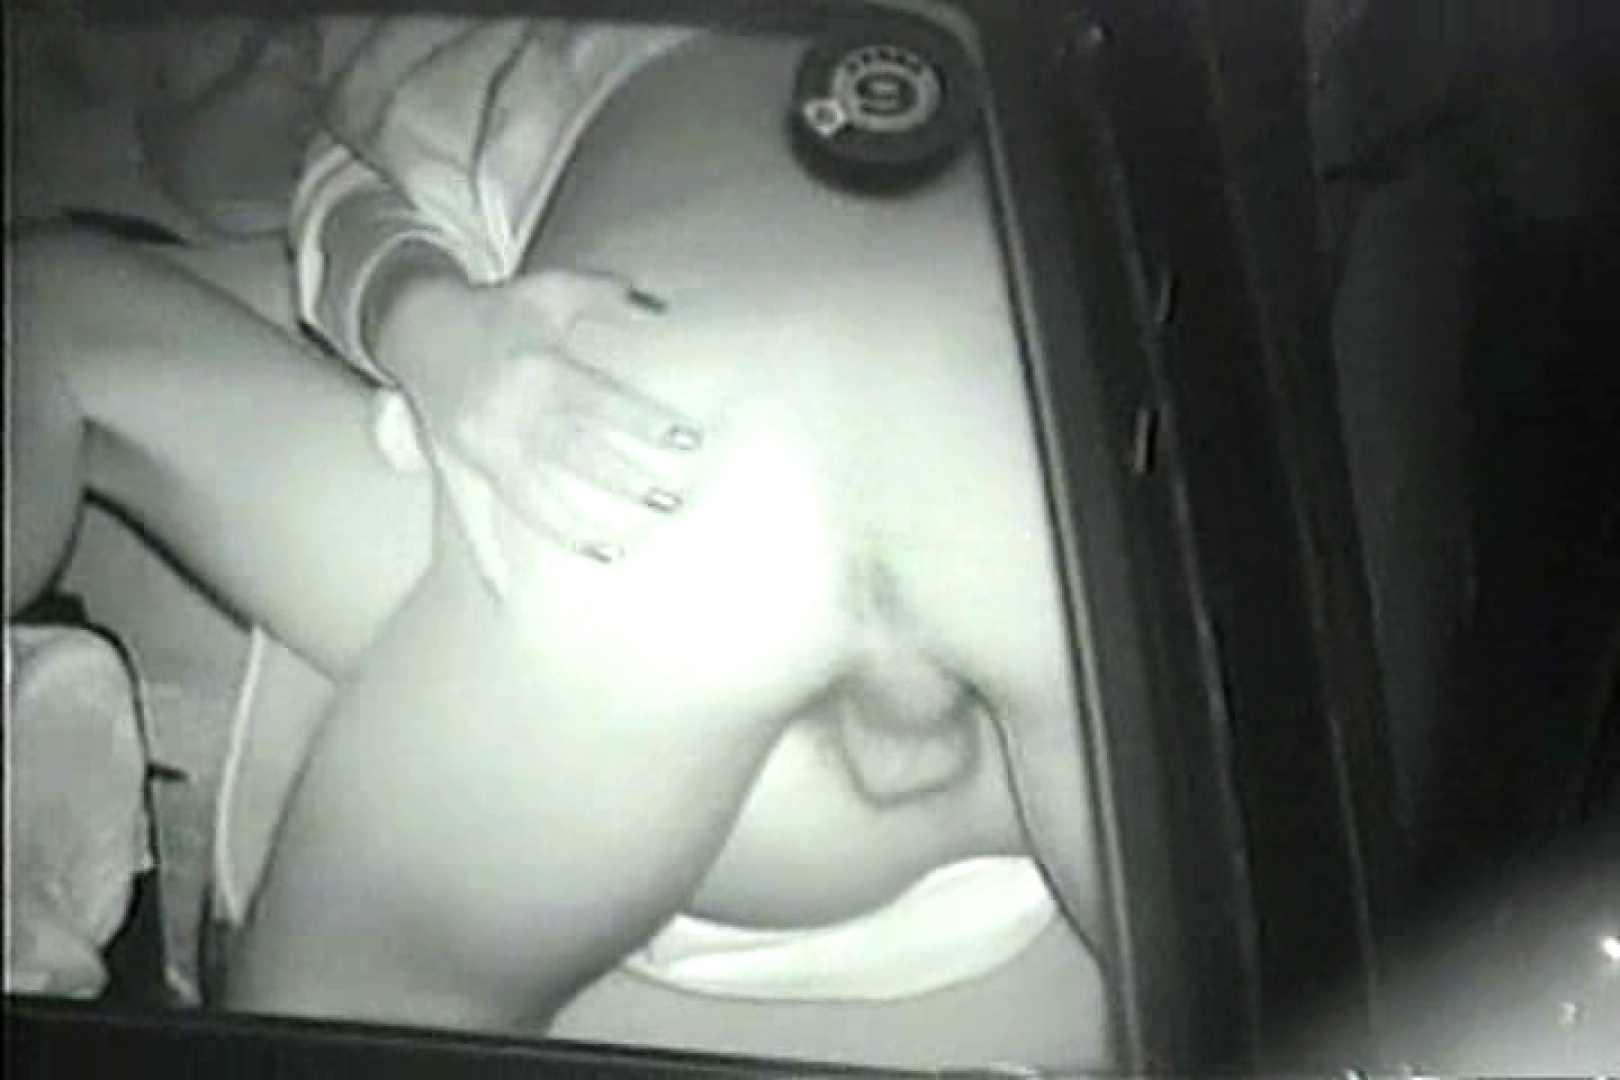 車の中はラブホテル 無修正版  Vol.9 エロティックなOL 性交動画流出 60画像 20